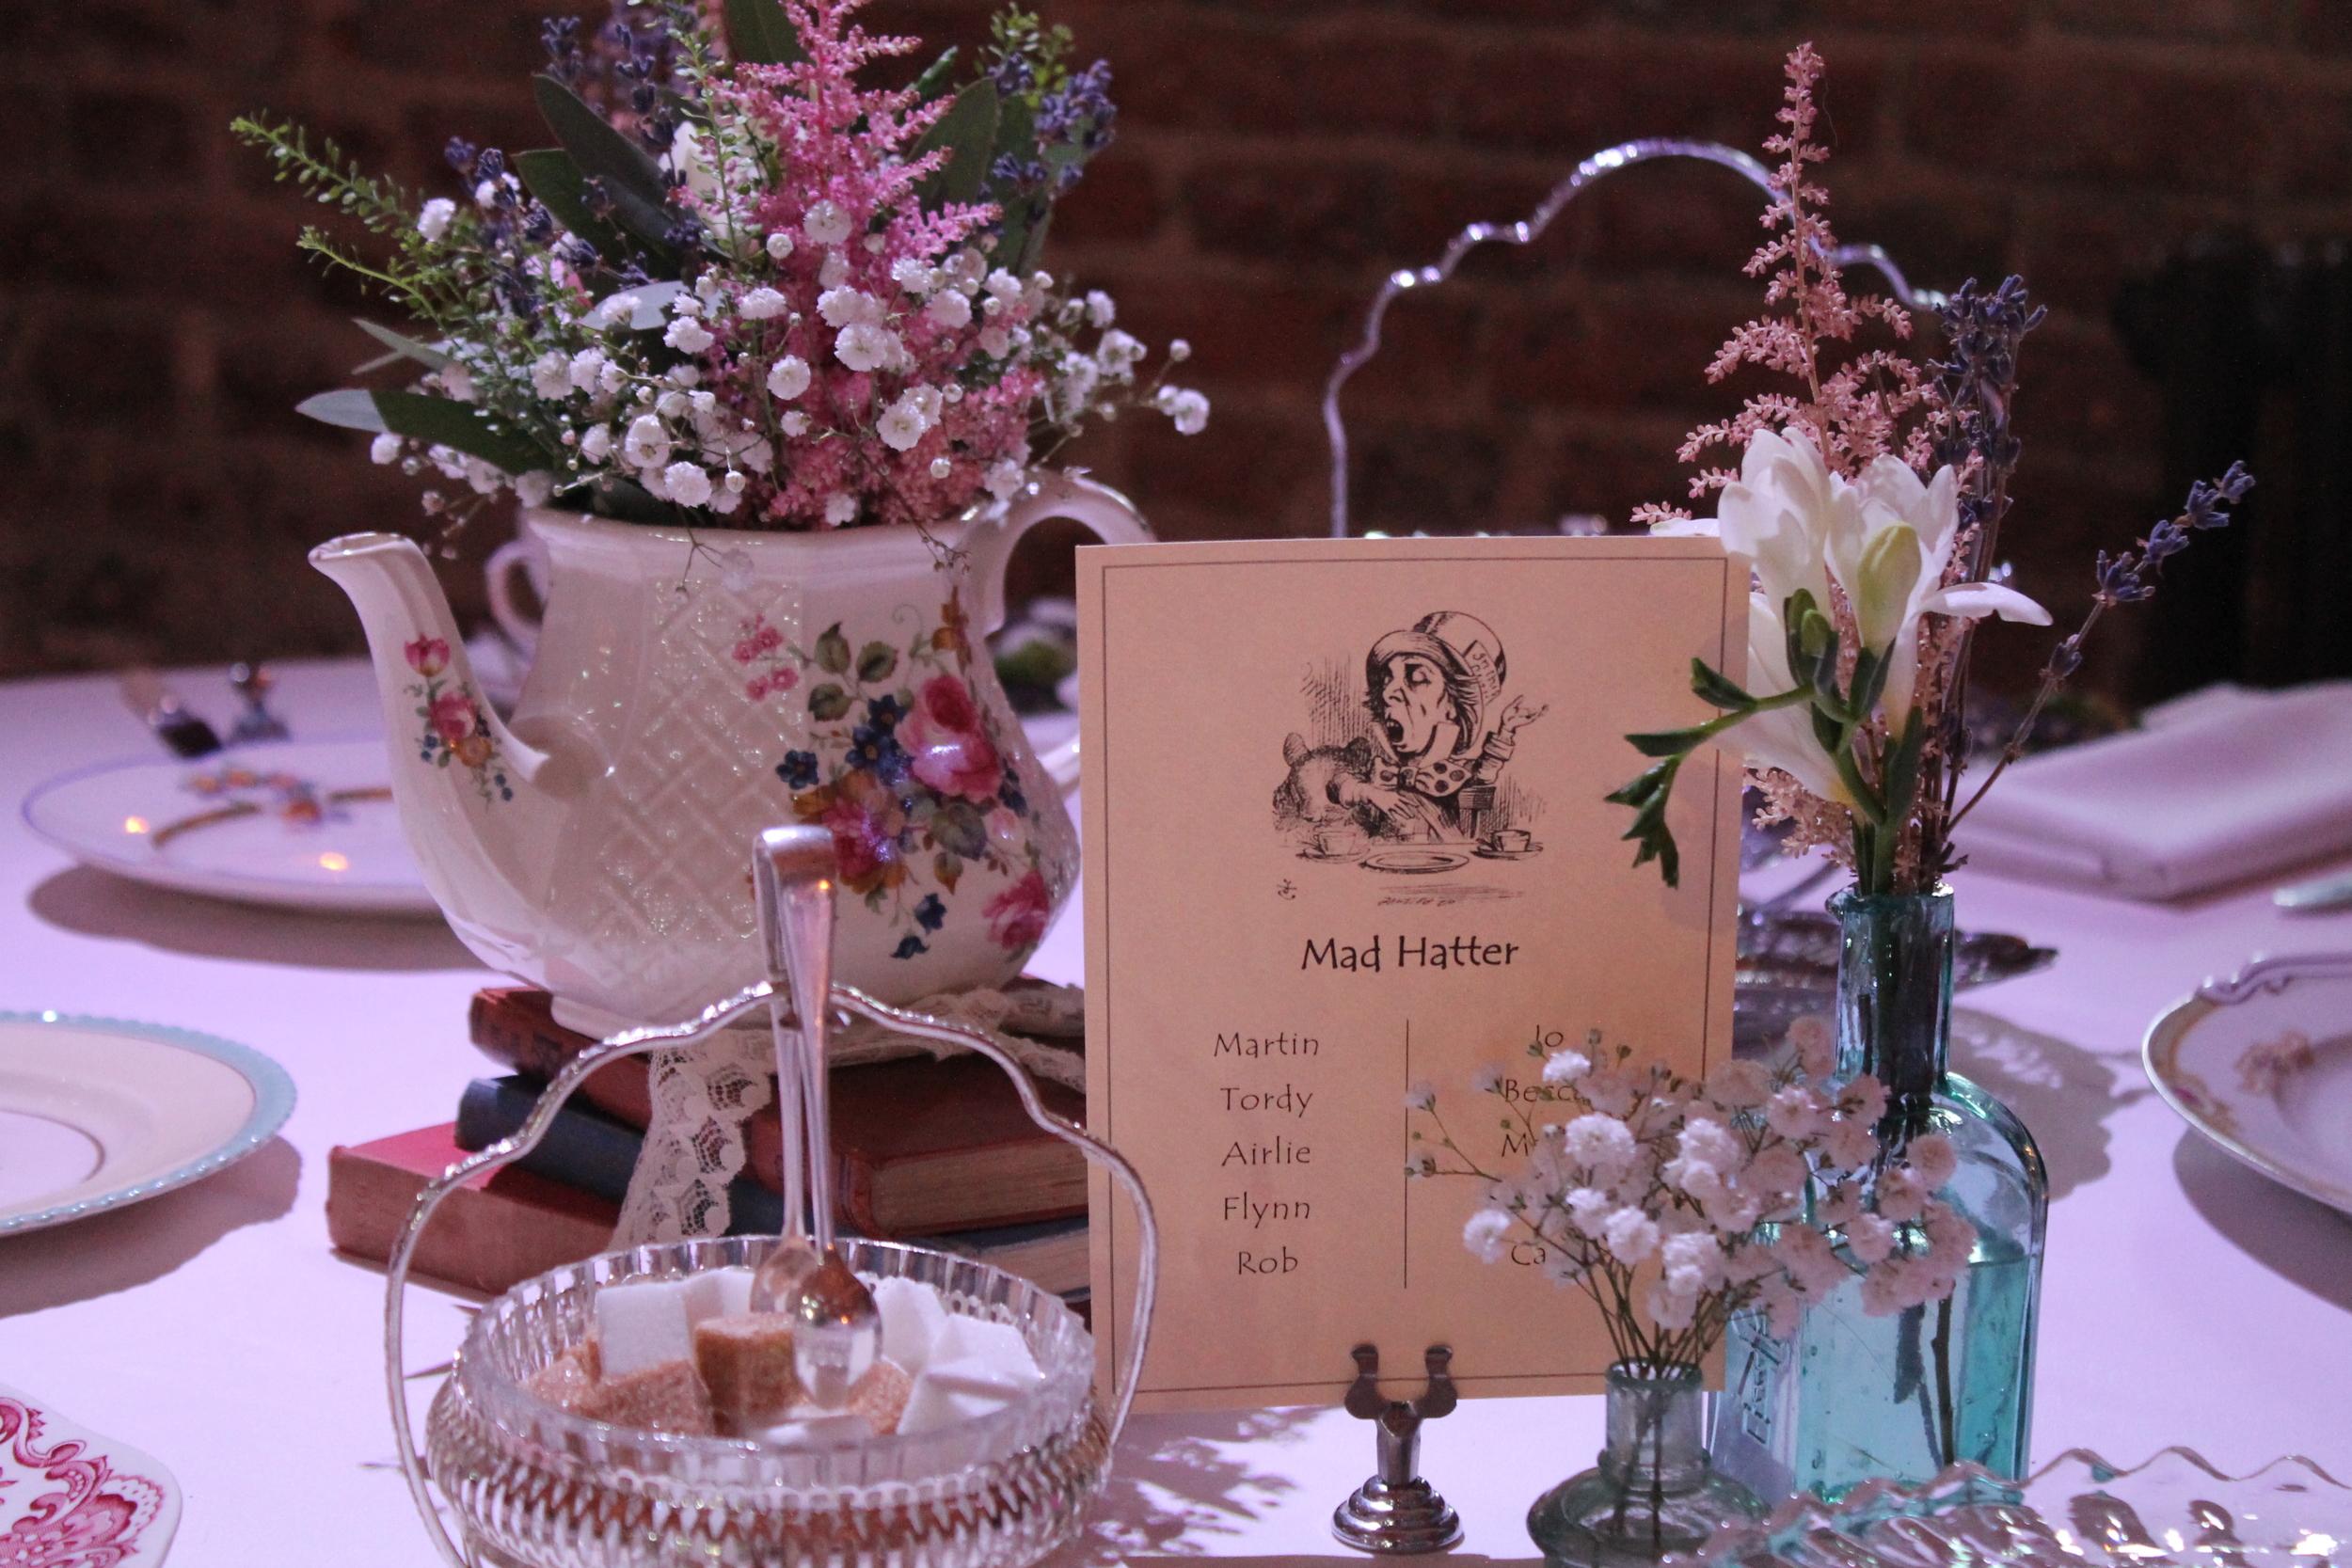 Wedding inspiration - centre pieces Alice in wonderland.jpg